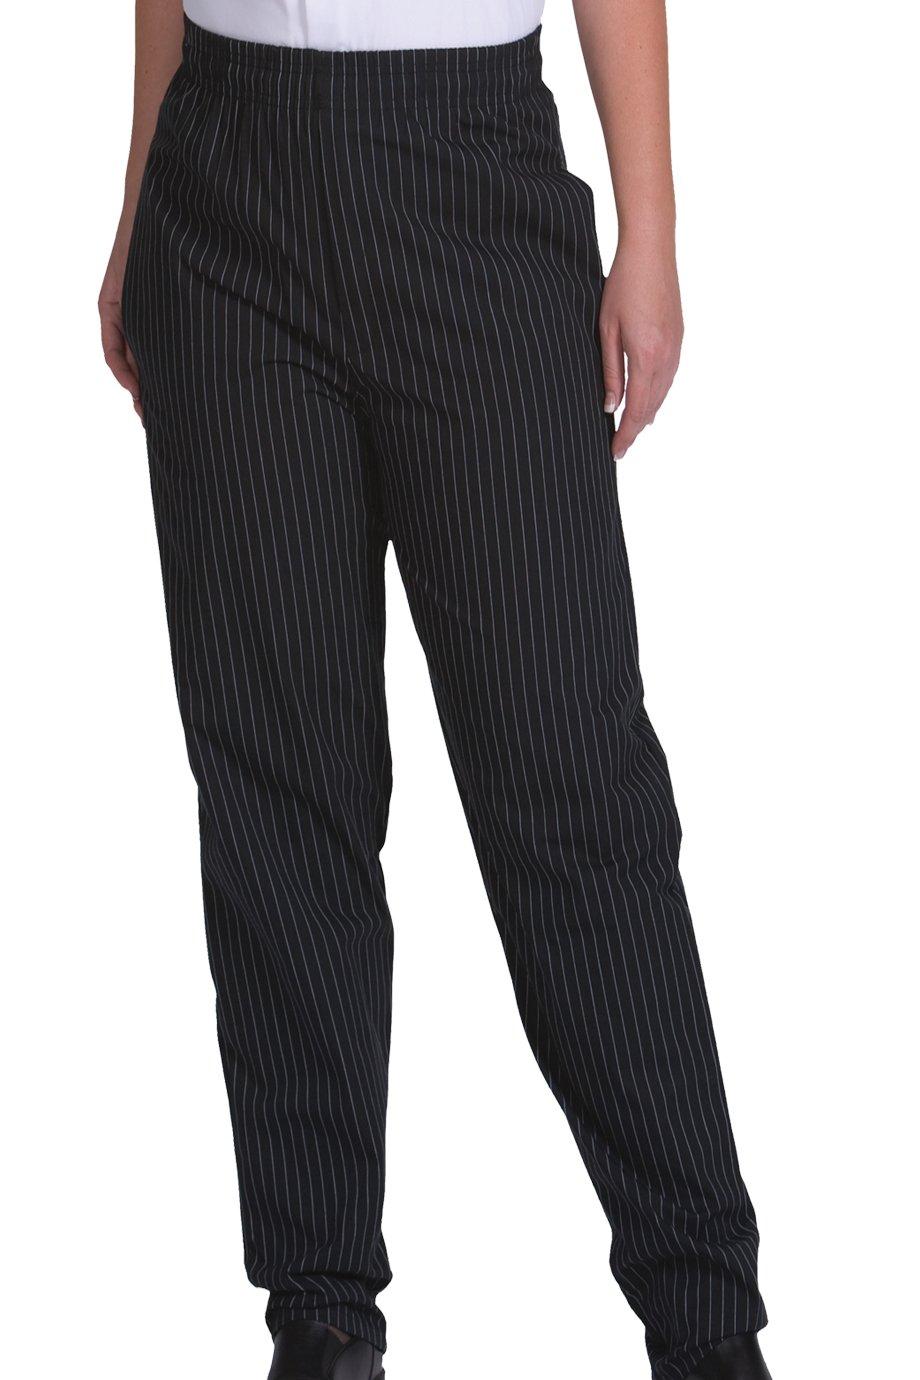 Edwards Men'S 2002 Comfortable Fit Chefs Pants (Blk Stripe Xs)